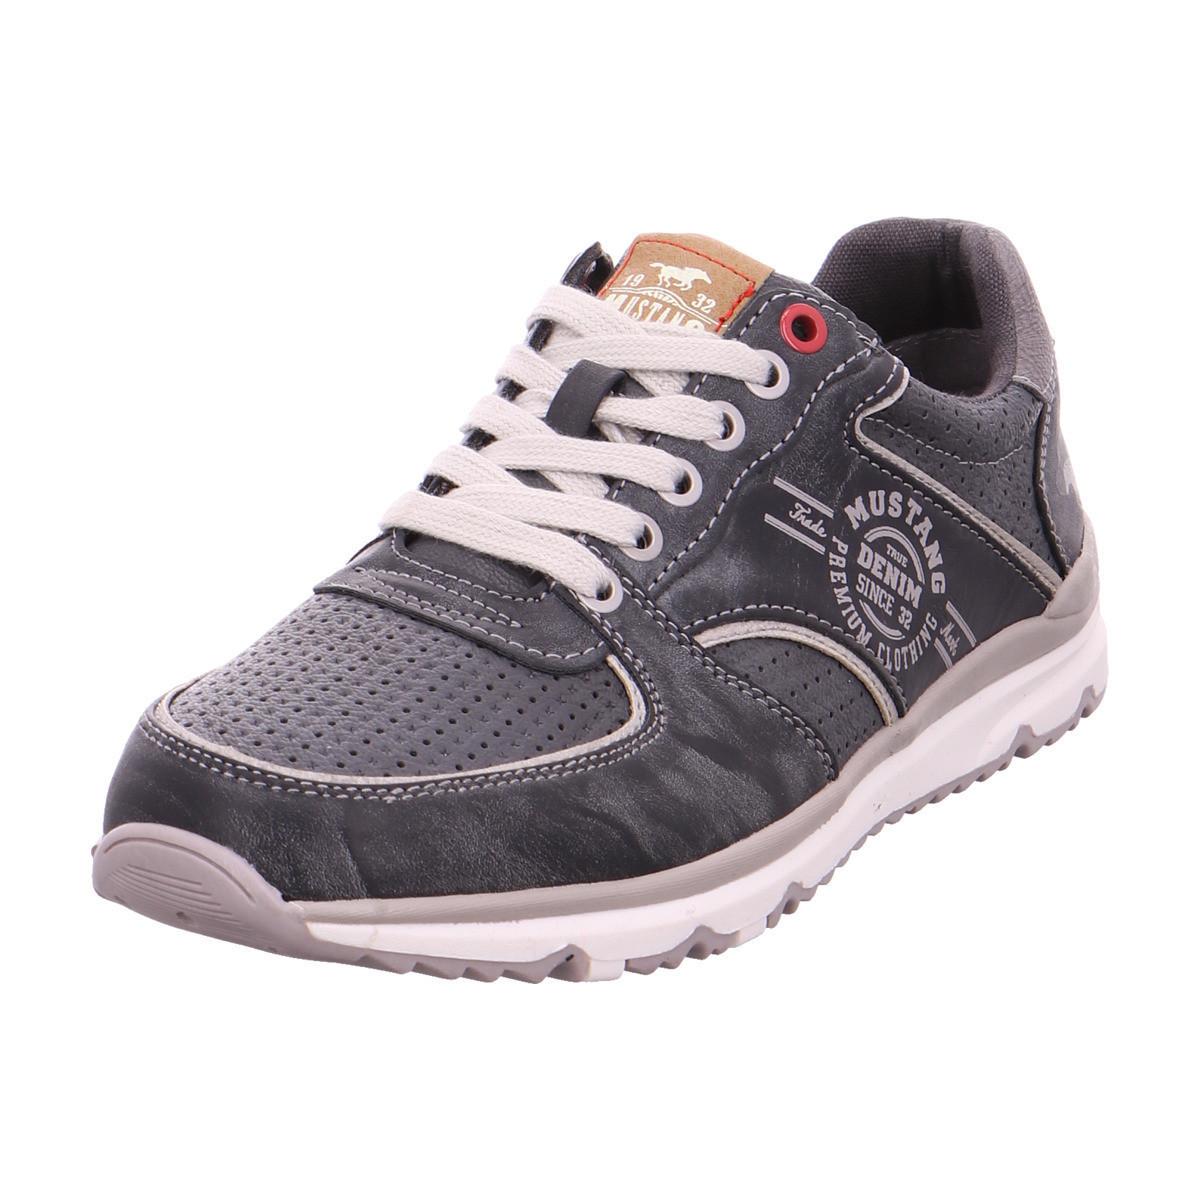 Mustang - 4095312 200 Stein - Schuhe Sneaker Low Herren 55,95 €